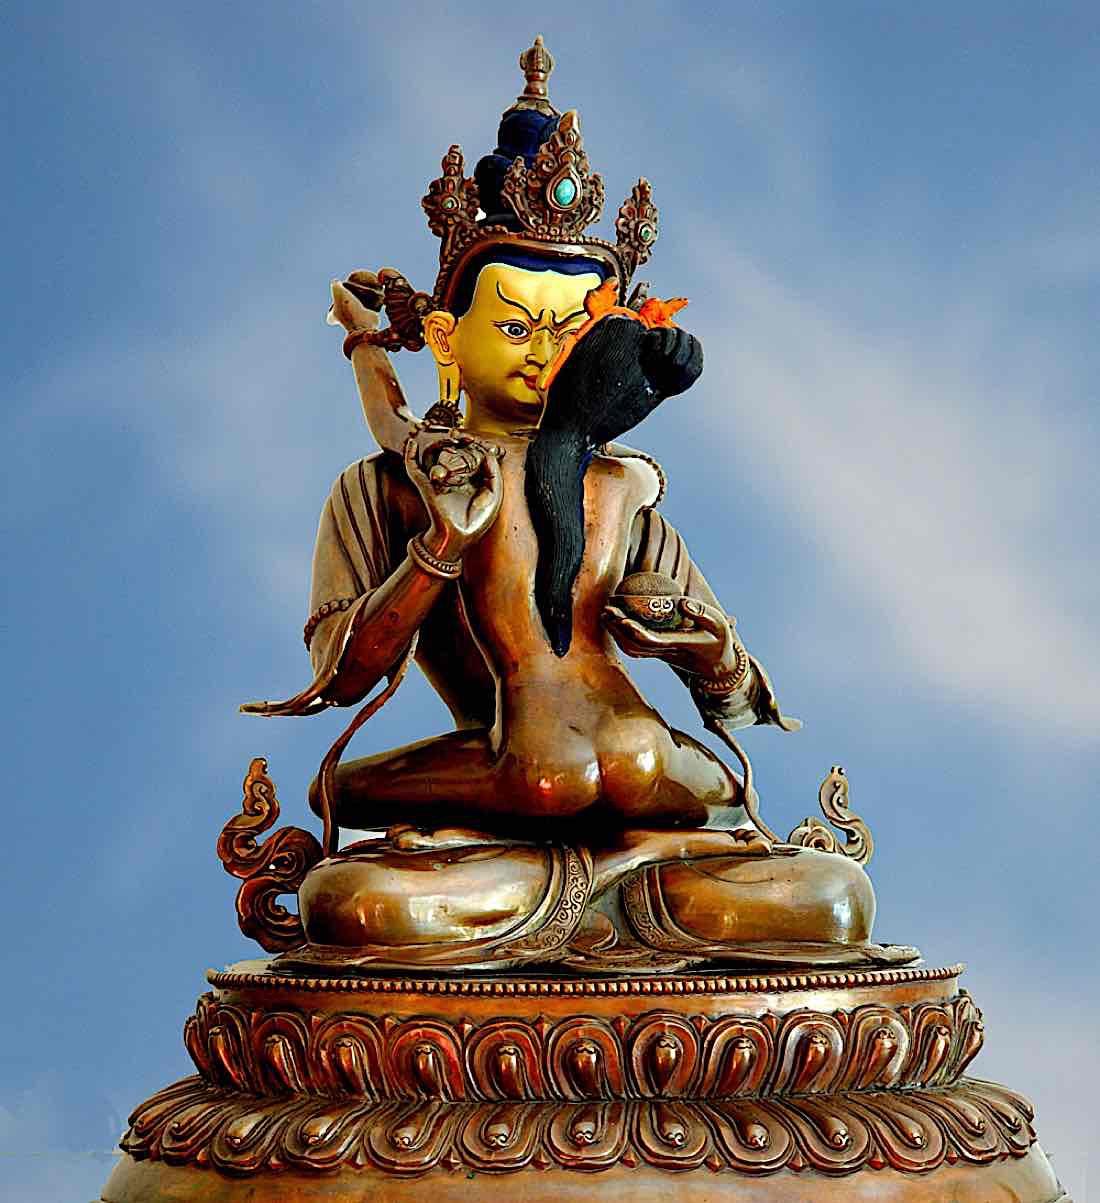 Buddha Weekly padmasambhava tantra consort Buddhism